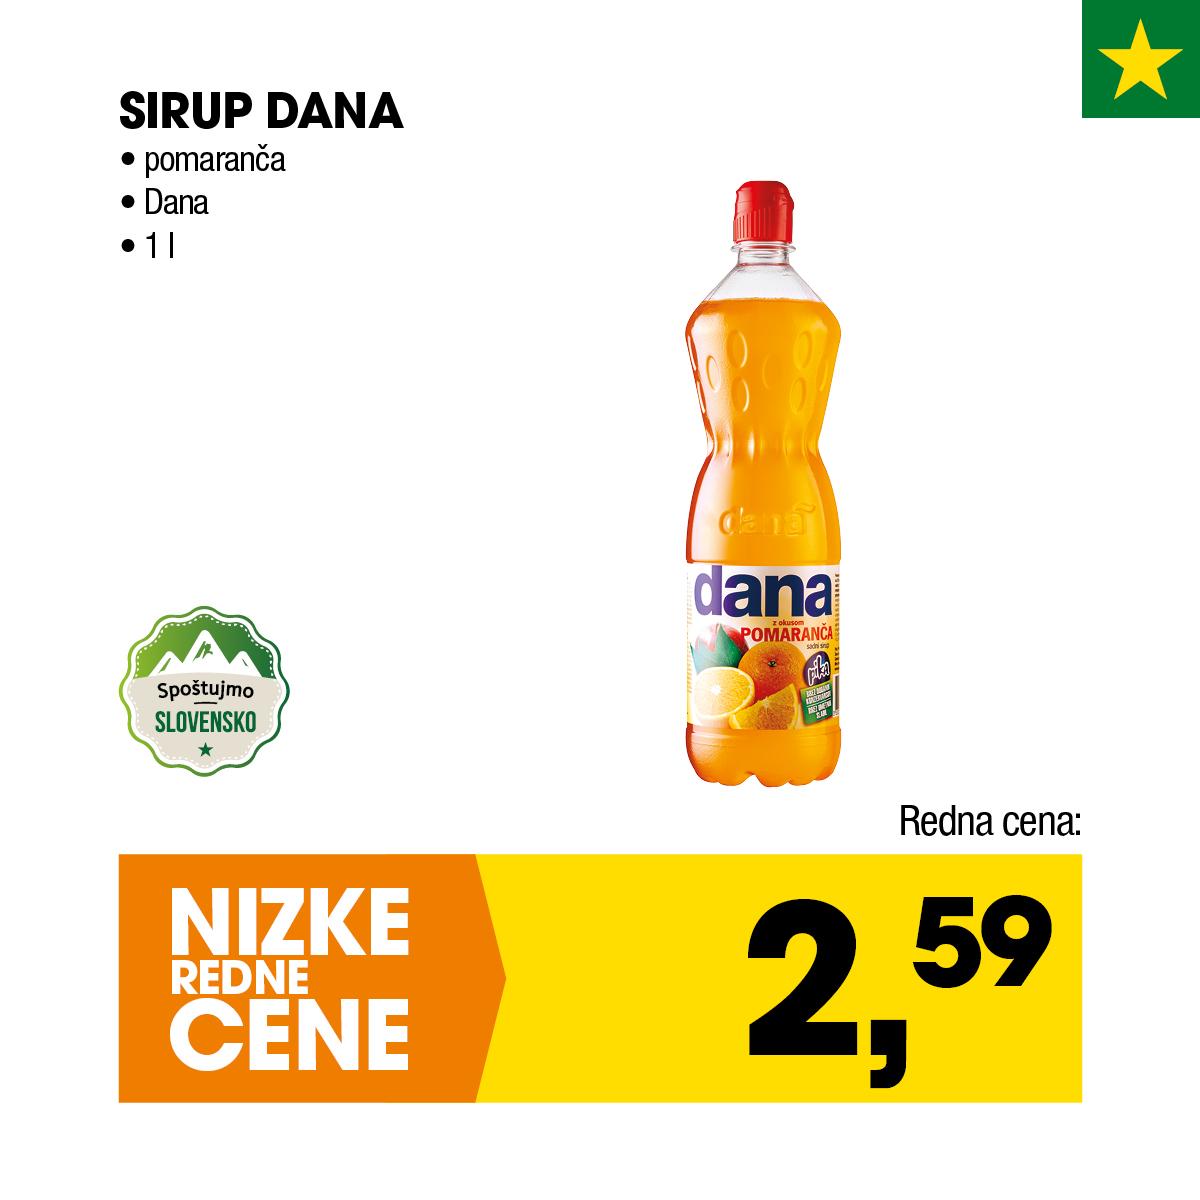 Nizke cene - Sirup Dana